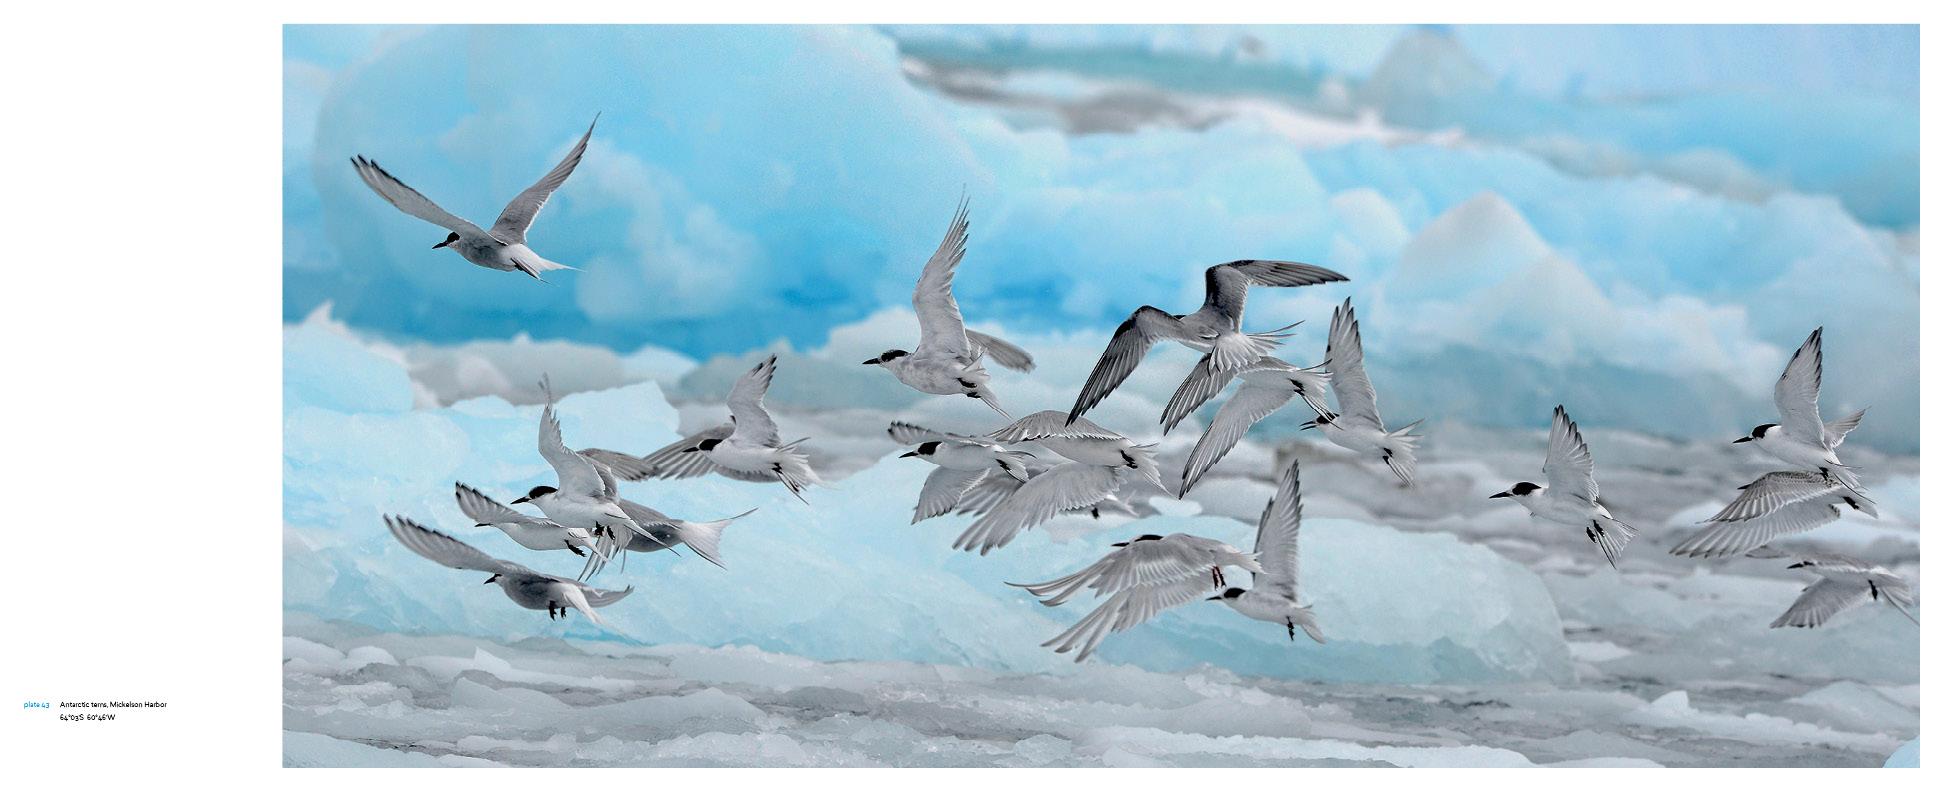 Antarctica_v13_11.jpg